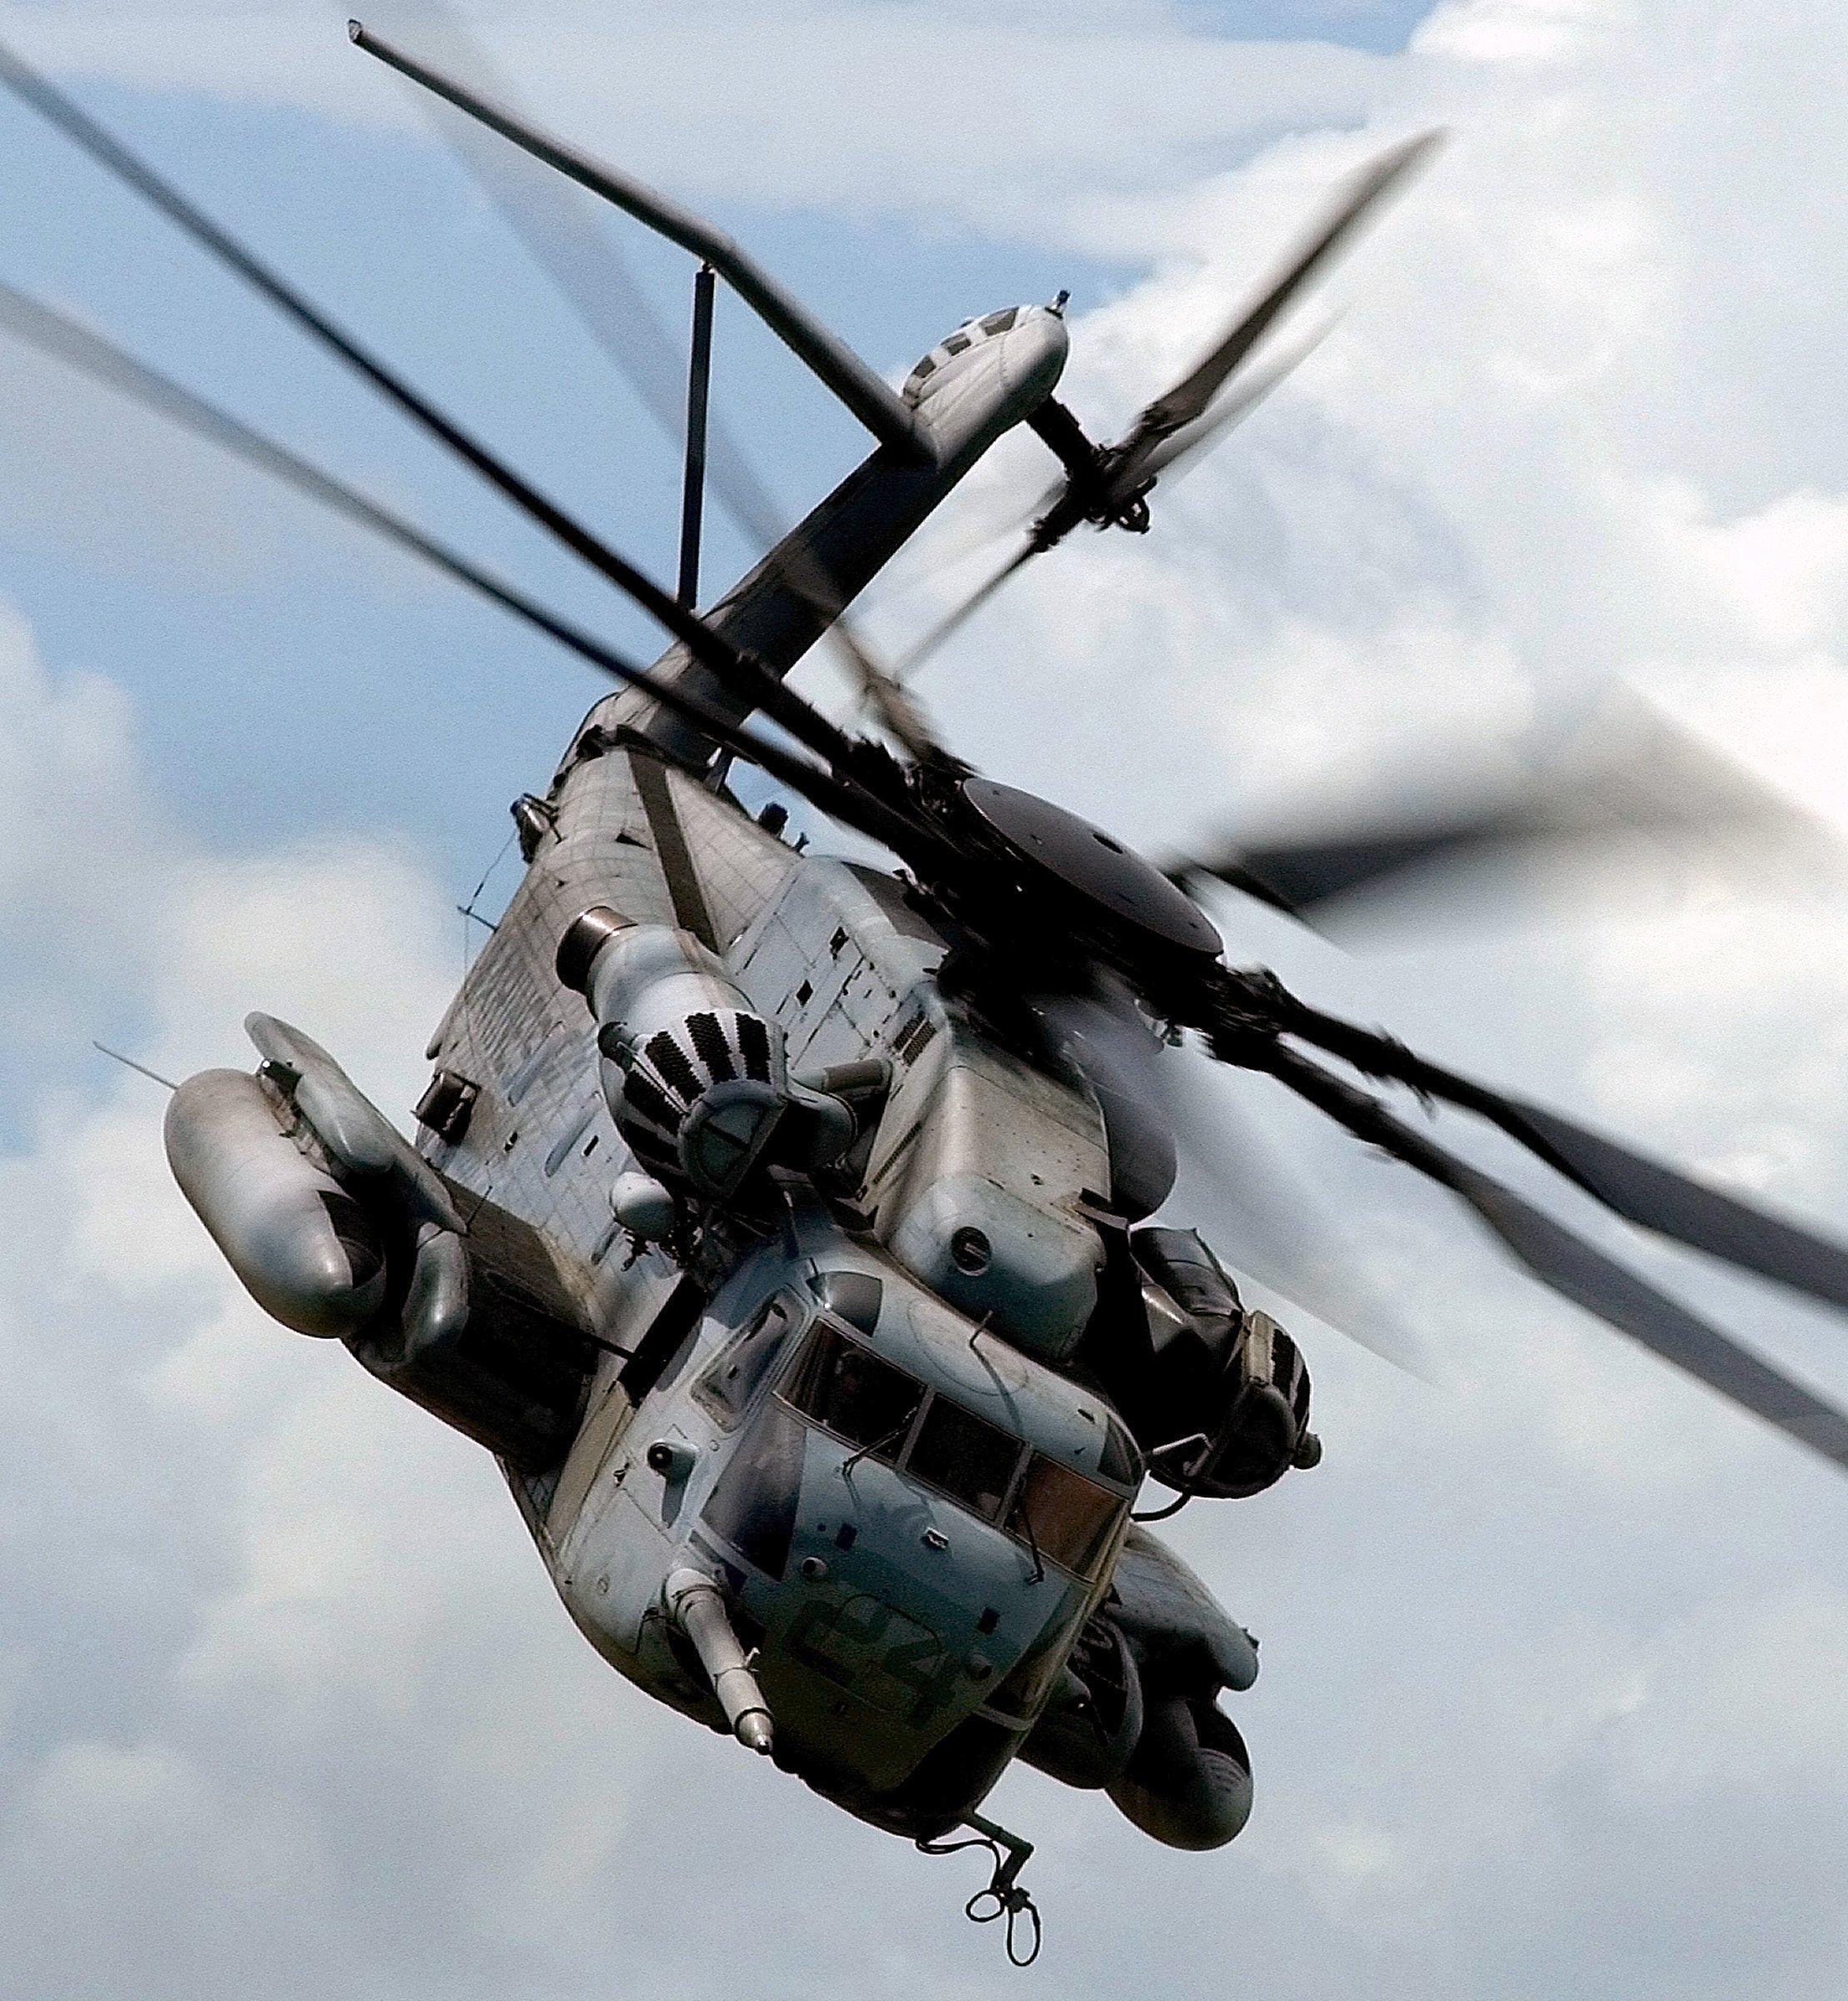 ελικόπτερο, στρατιωτική, μύγα, πόλεμος, Στρατός - Wallpapers HD - Professor-falken.com